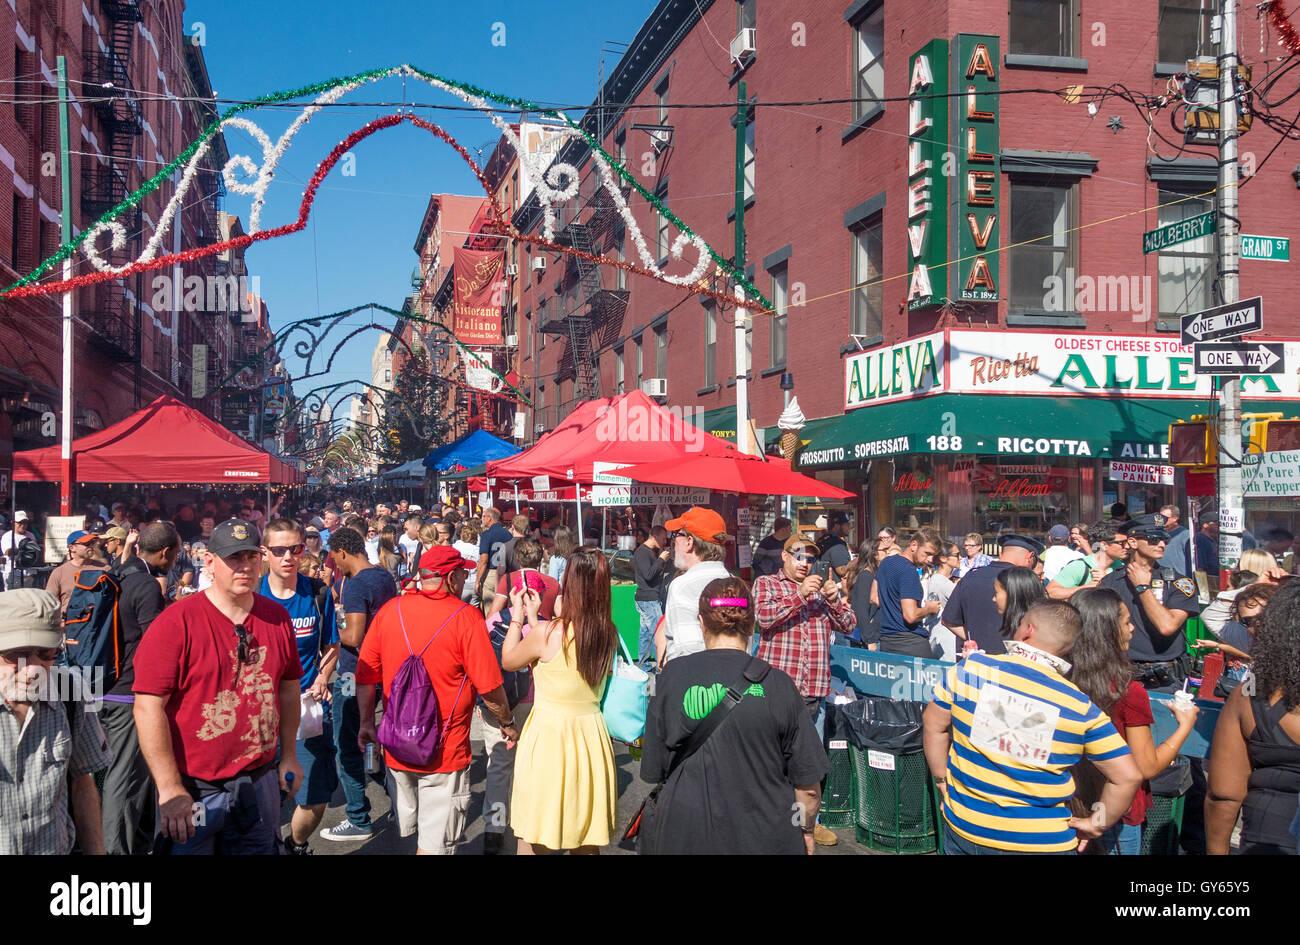 Menschenmassen in der Mulberry Street in Little Italy für das Fest San Gennaro Stockbild